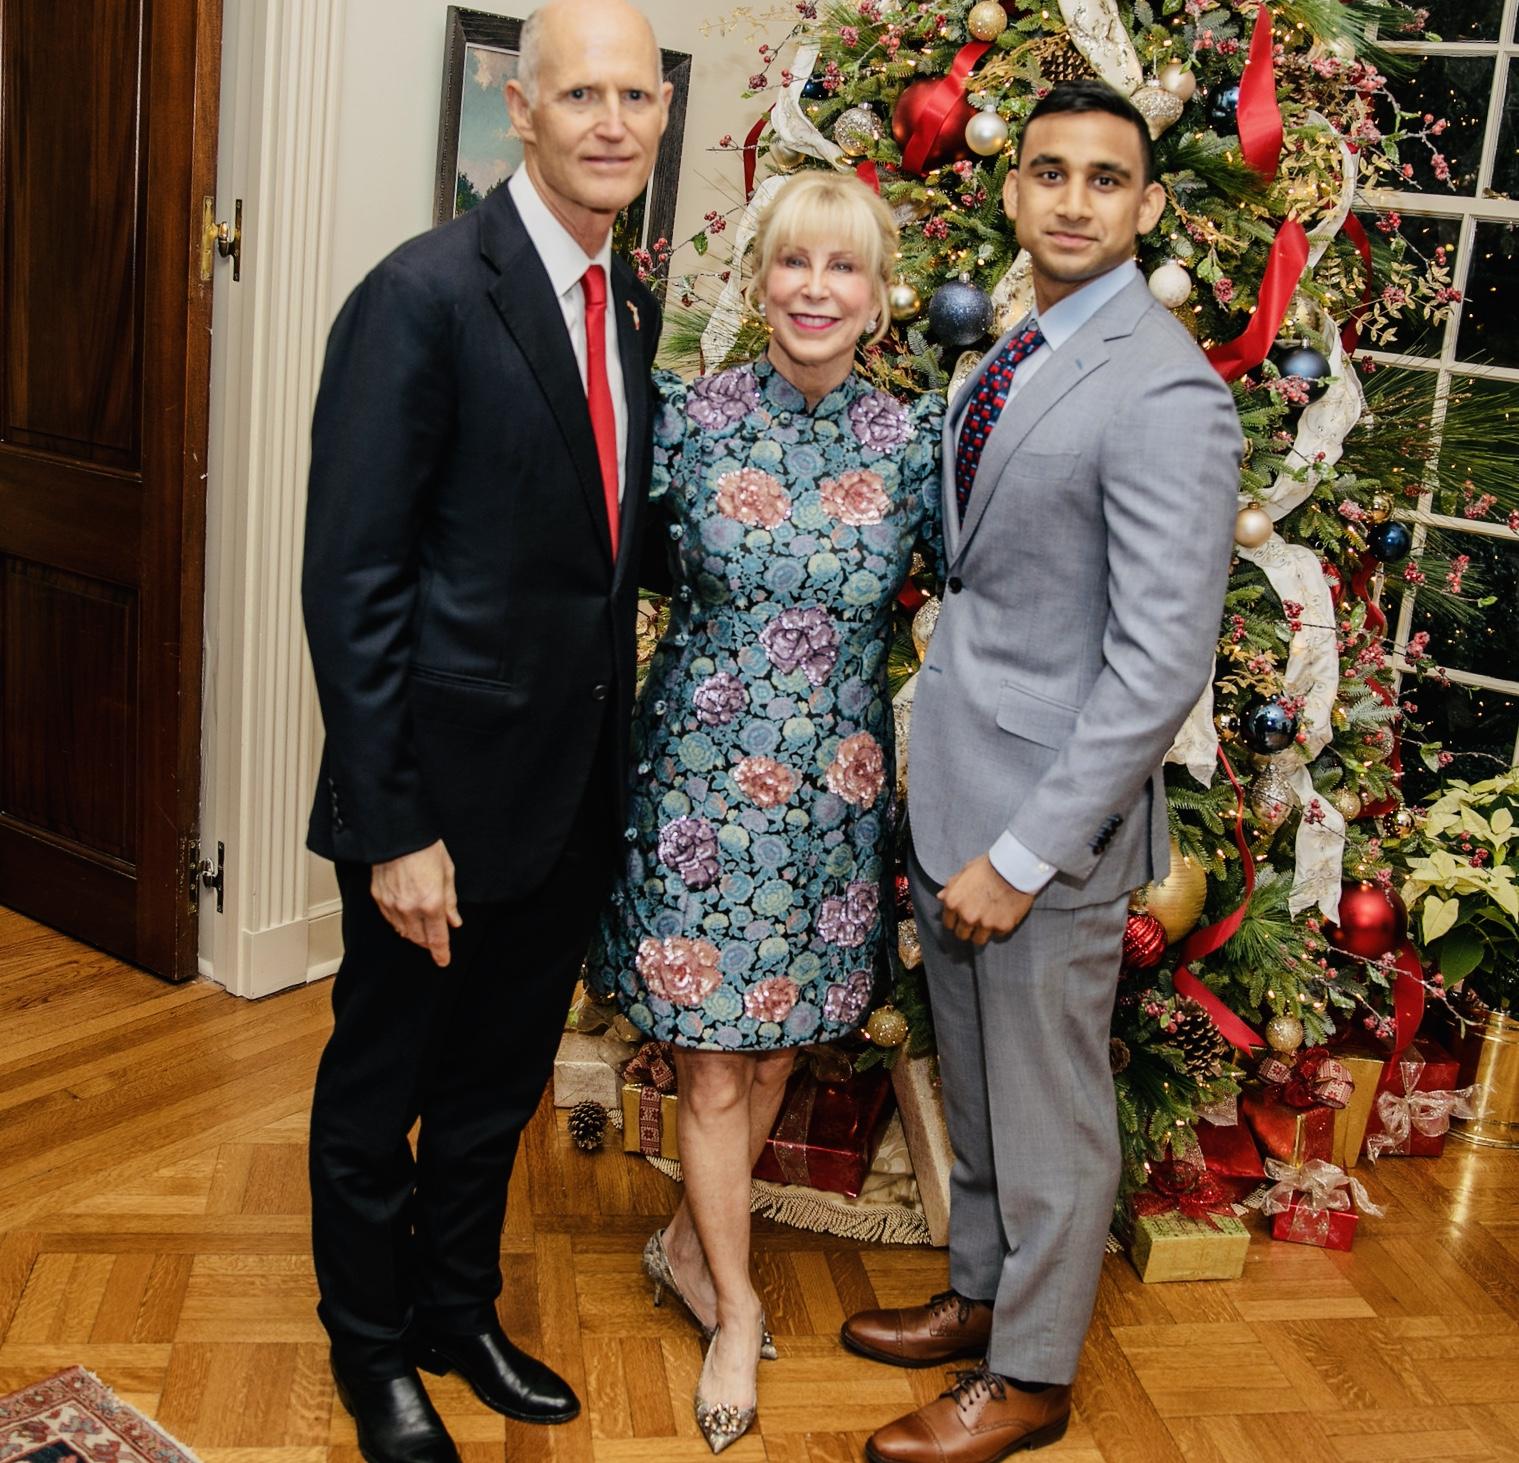 Governor (Senator- Elect) Rick Scott Christmas Party 2018